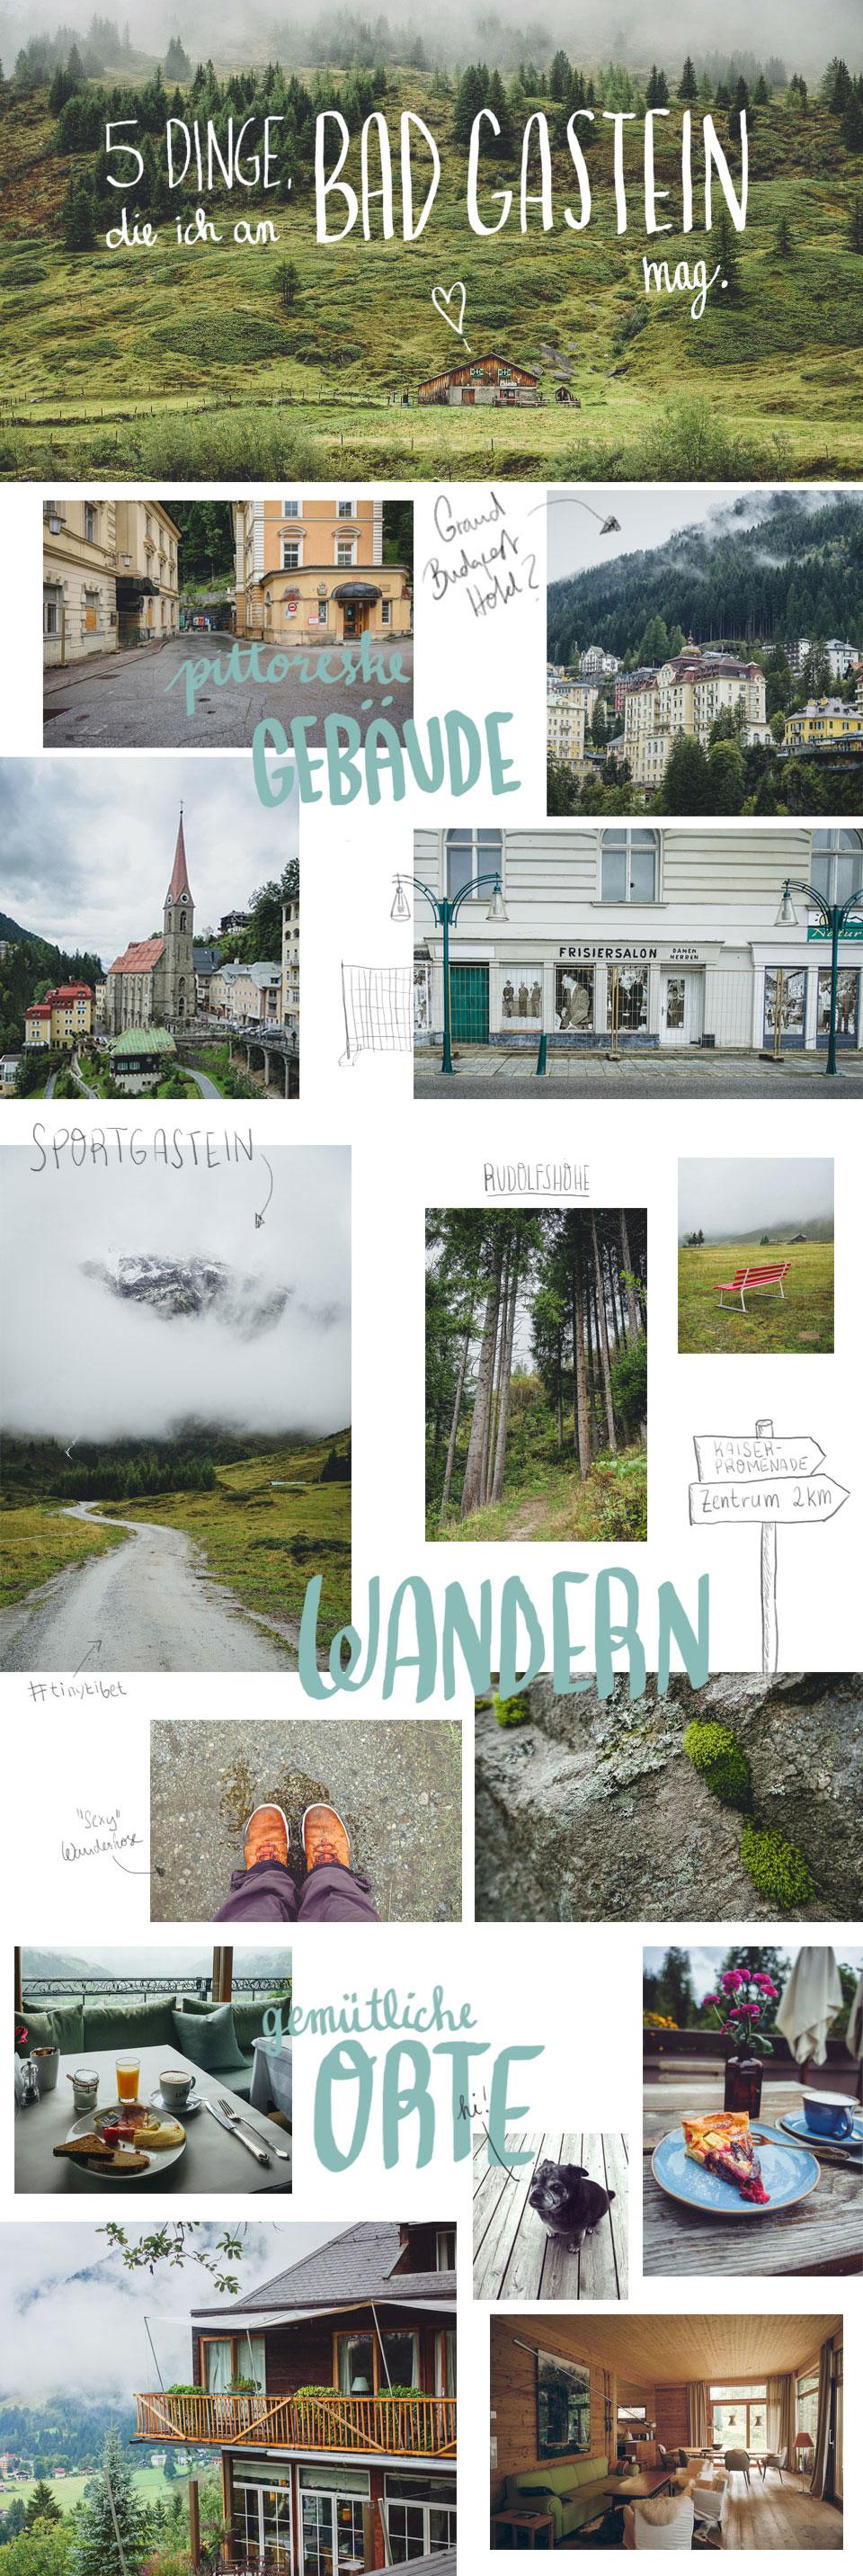 Bad Gastein - Ein Wochenende im Salzburger Land in Österreich zum Wandern, erholen und Kunst gucken